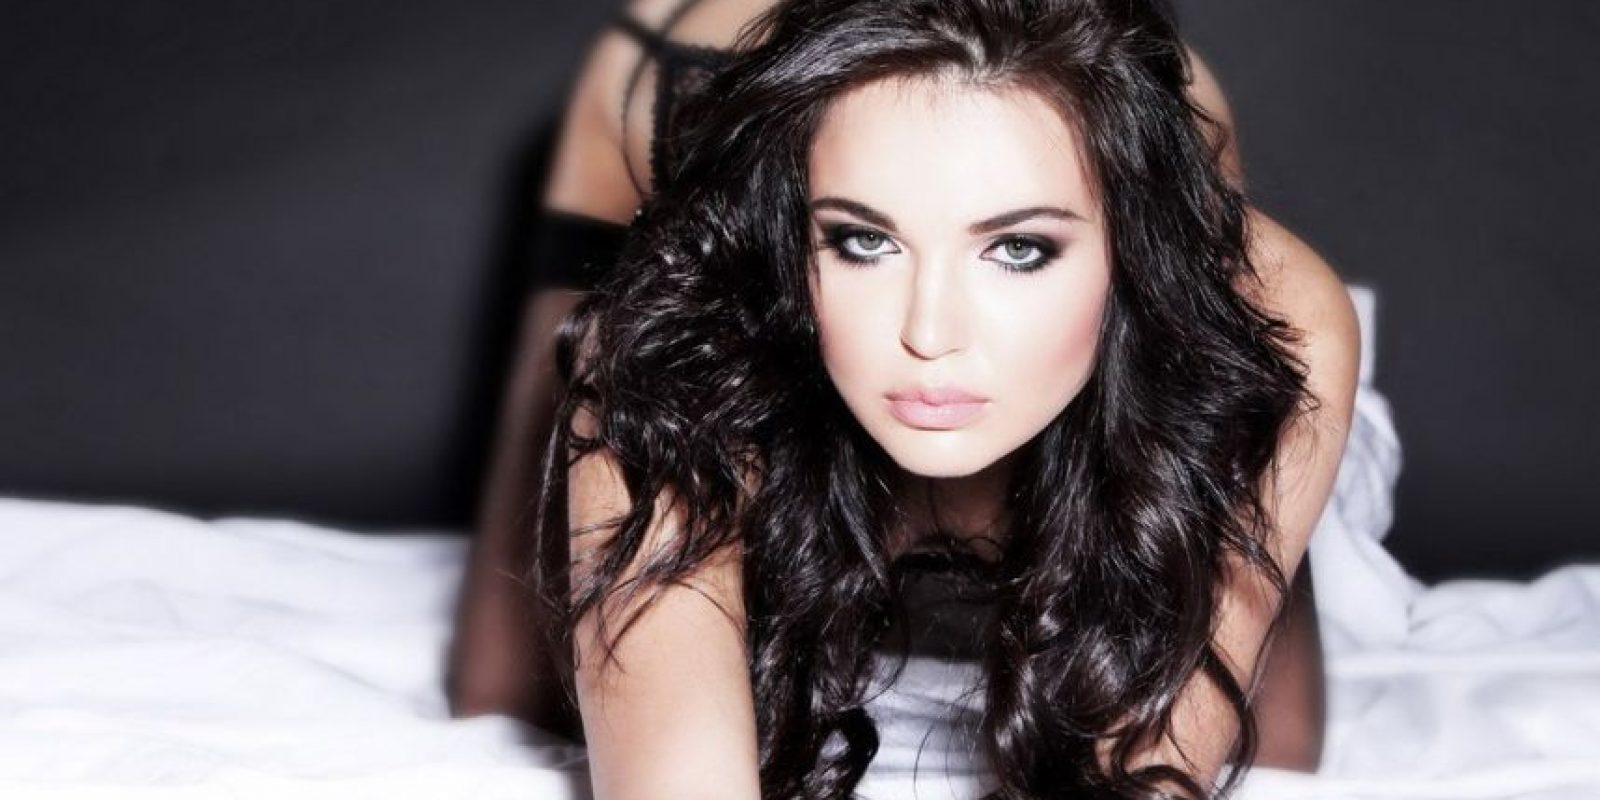 Además de su pasión por las carreras, a Inessa le encanta el modelaje. Foto:tushkanova.com